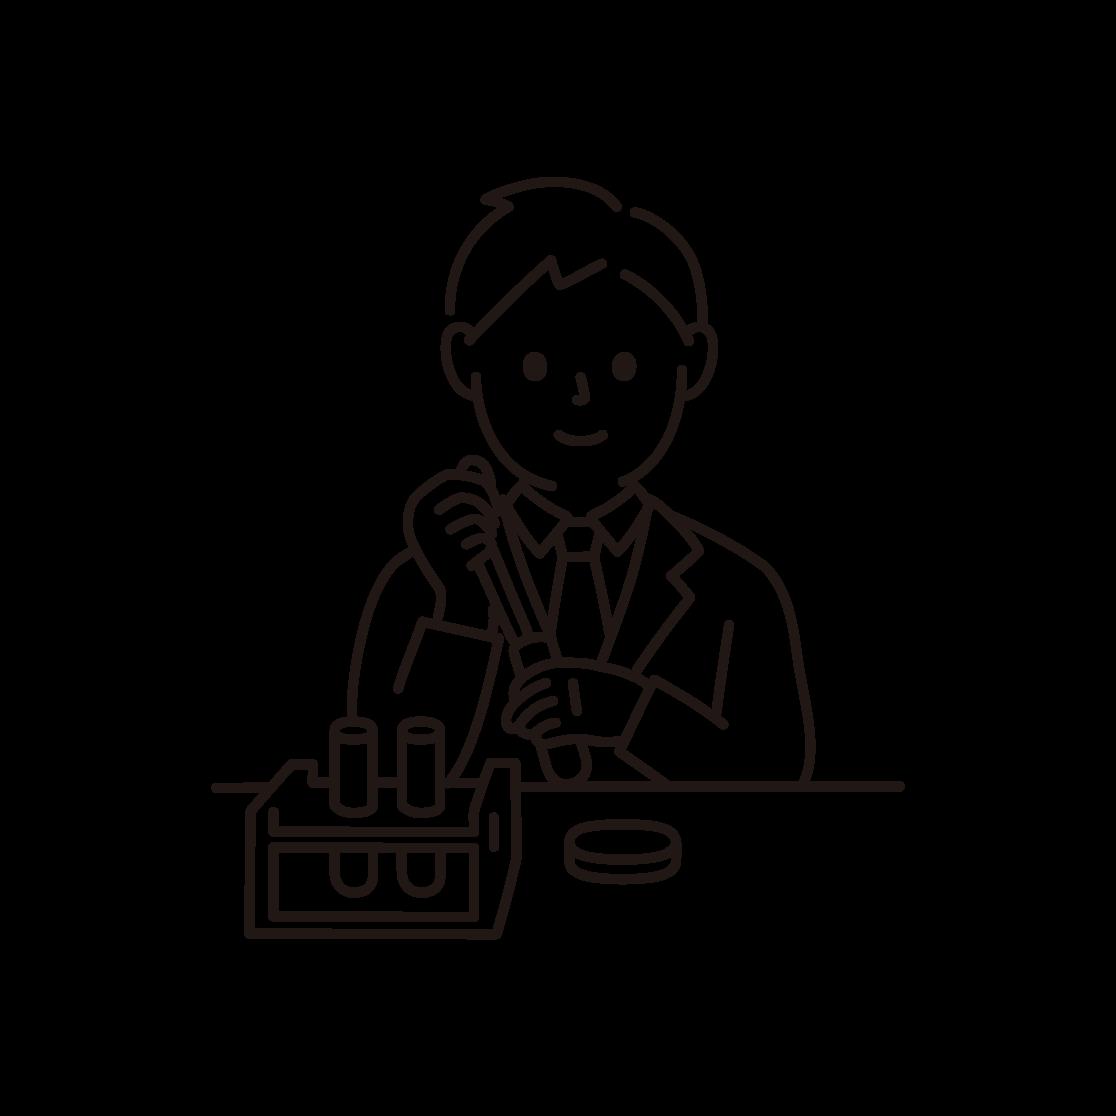 研究・科学実験をする男性の線画イラスト